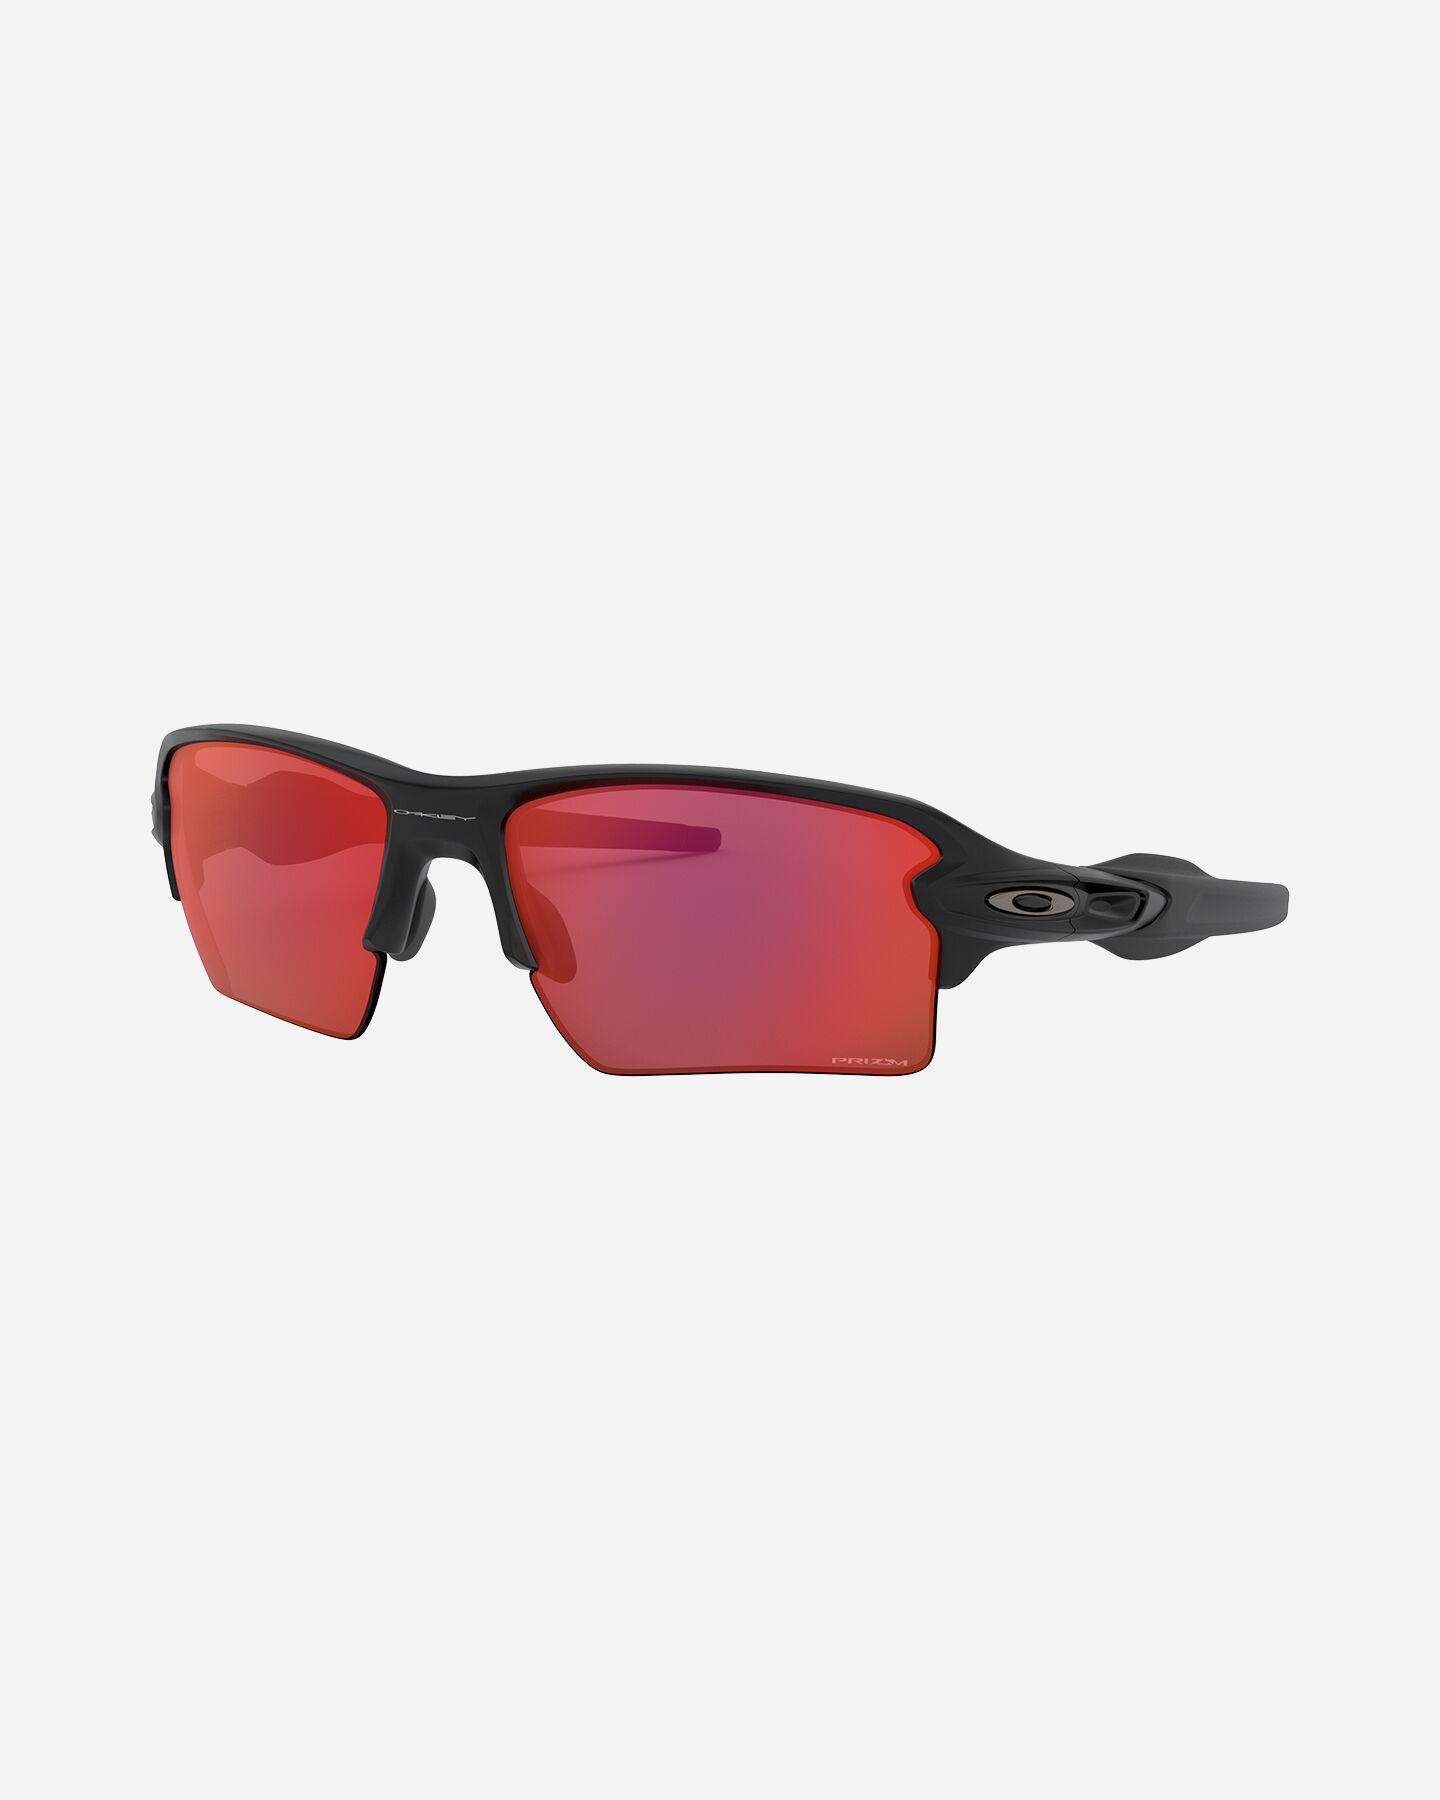 Occhiali OAKLEY FLAK 2.0 XL S5158966|A759|59 scatto 0